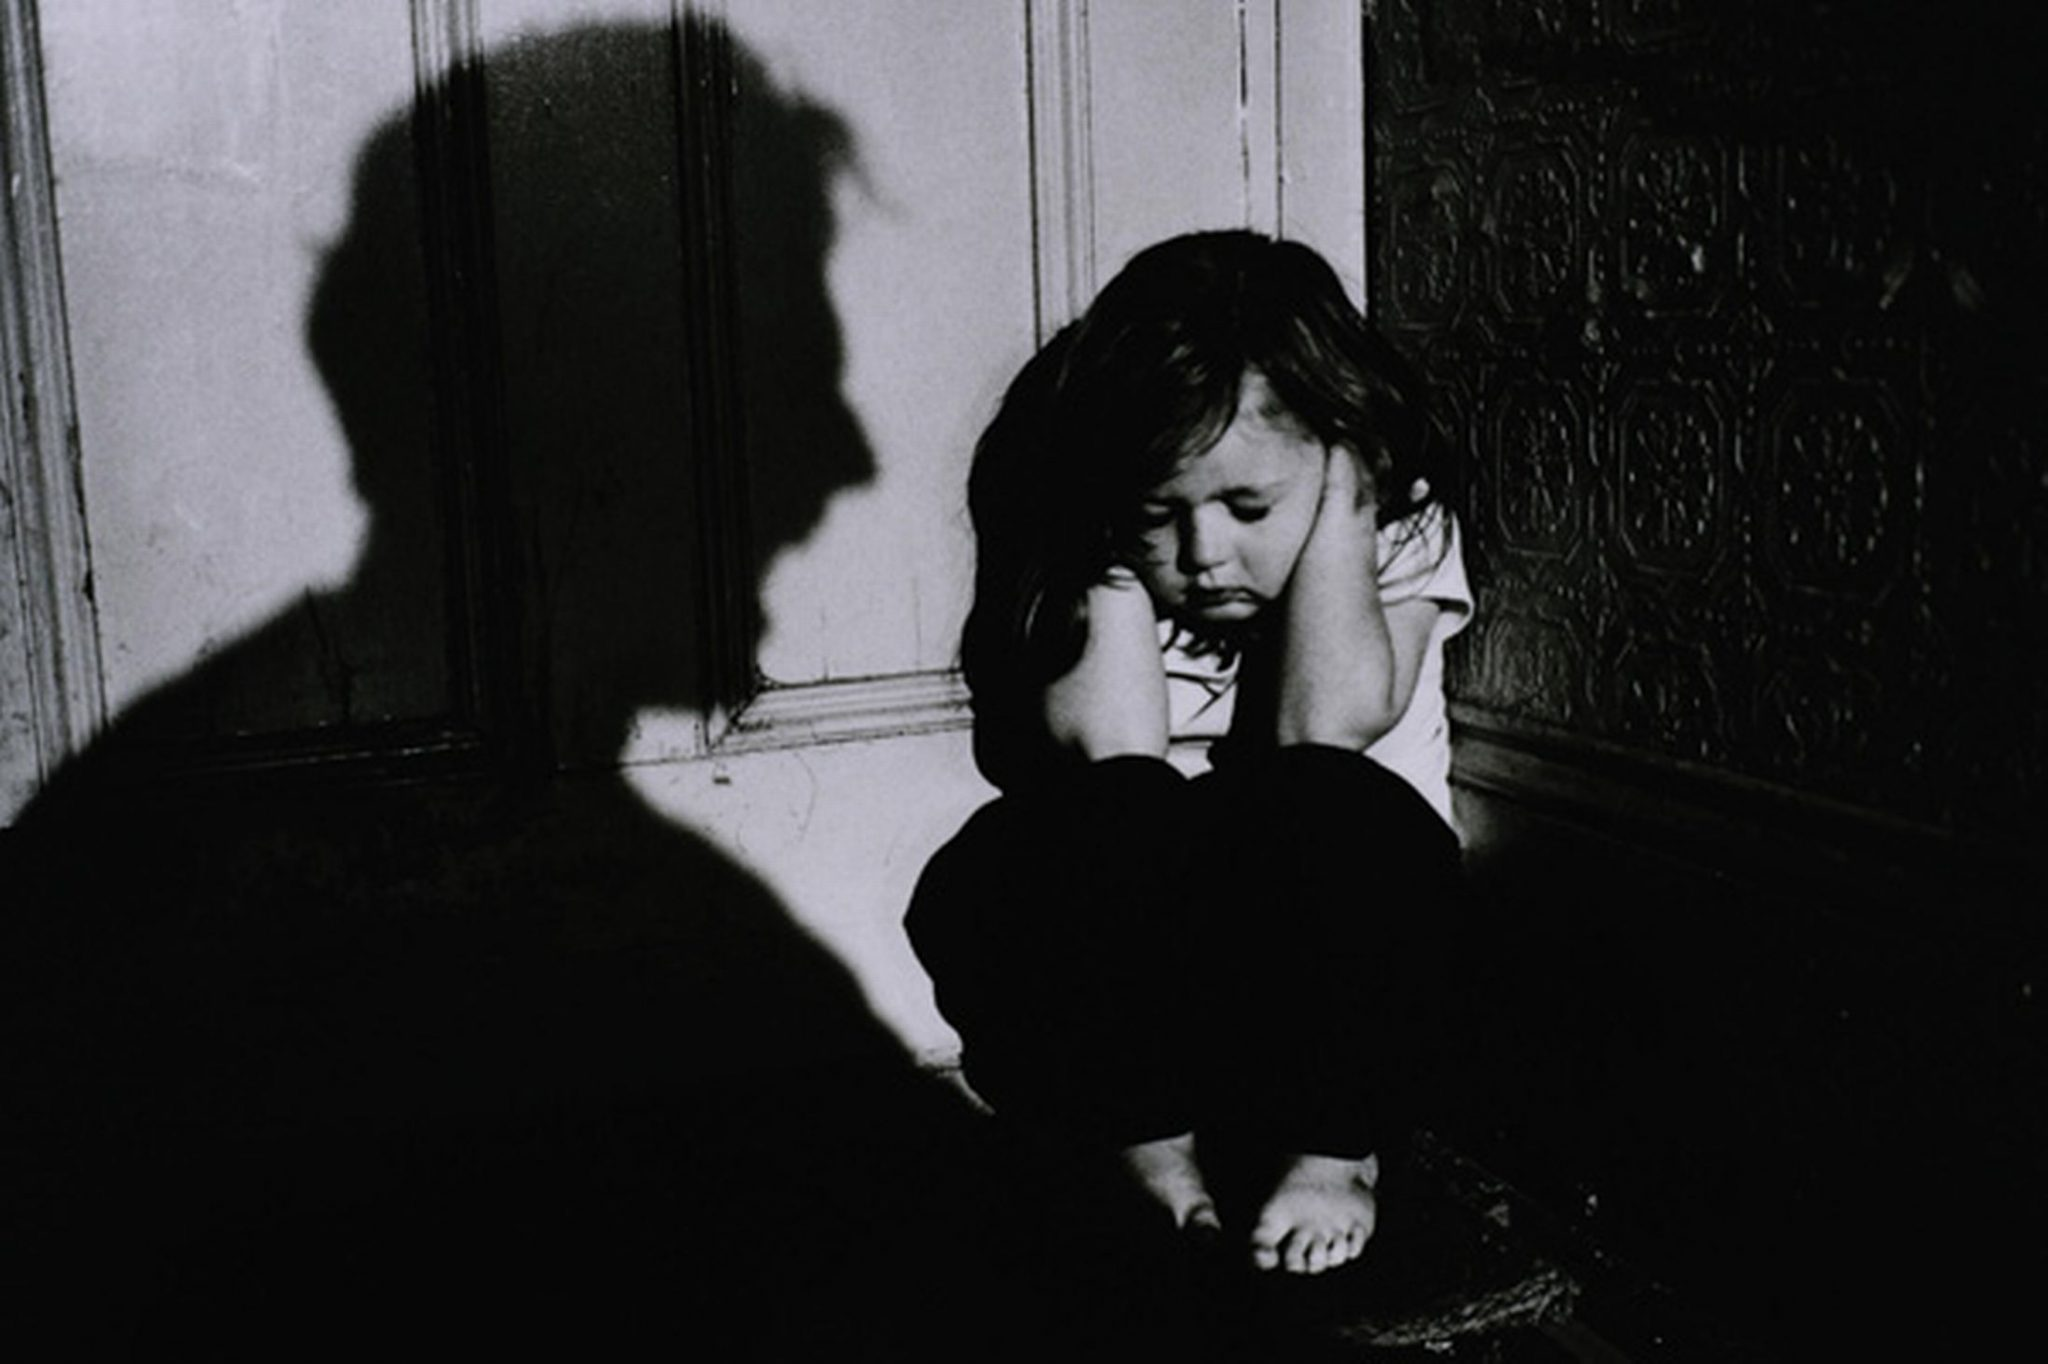 Prevenirea și combaterea violenței asupra copilului – obiectiv comun al întregii societăți